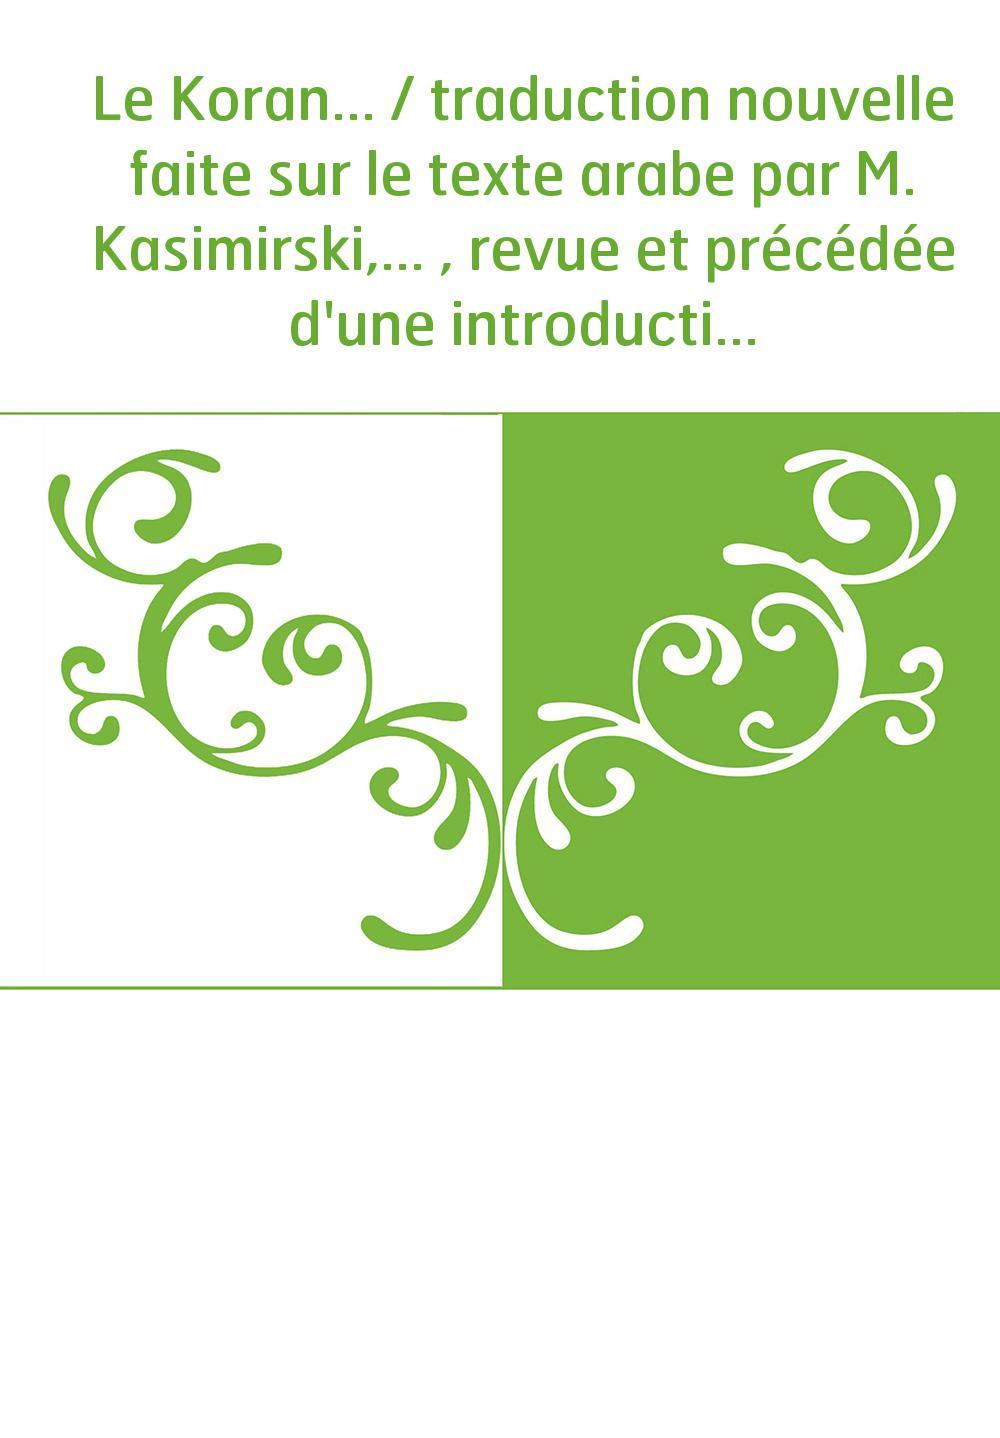 Le Koran... / traduction nouvelle faite sur le texte arabe par M. Kasimirski,... , revue et précédée d'une introduction par M. G